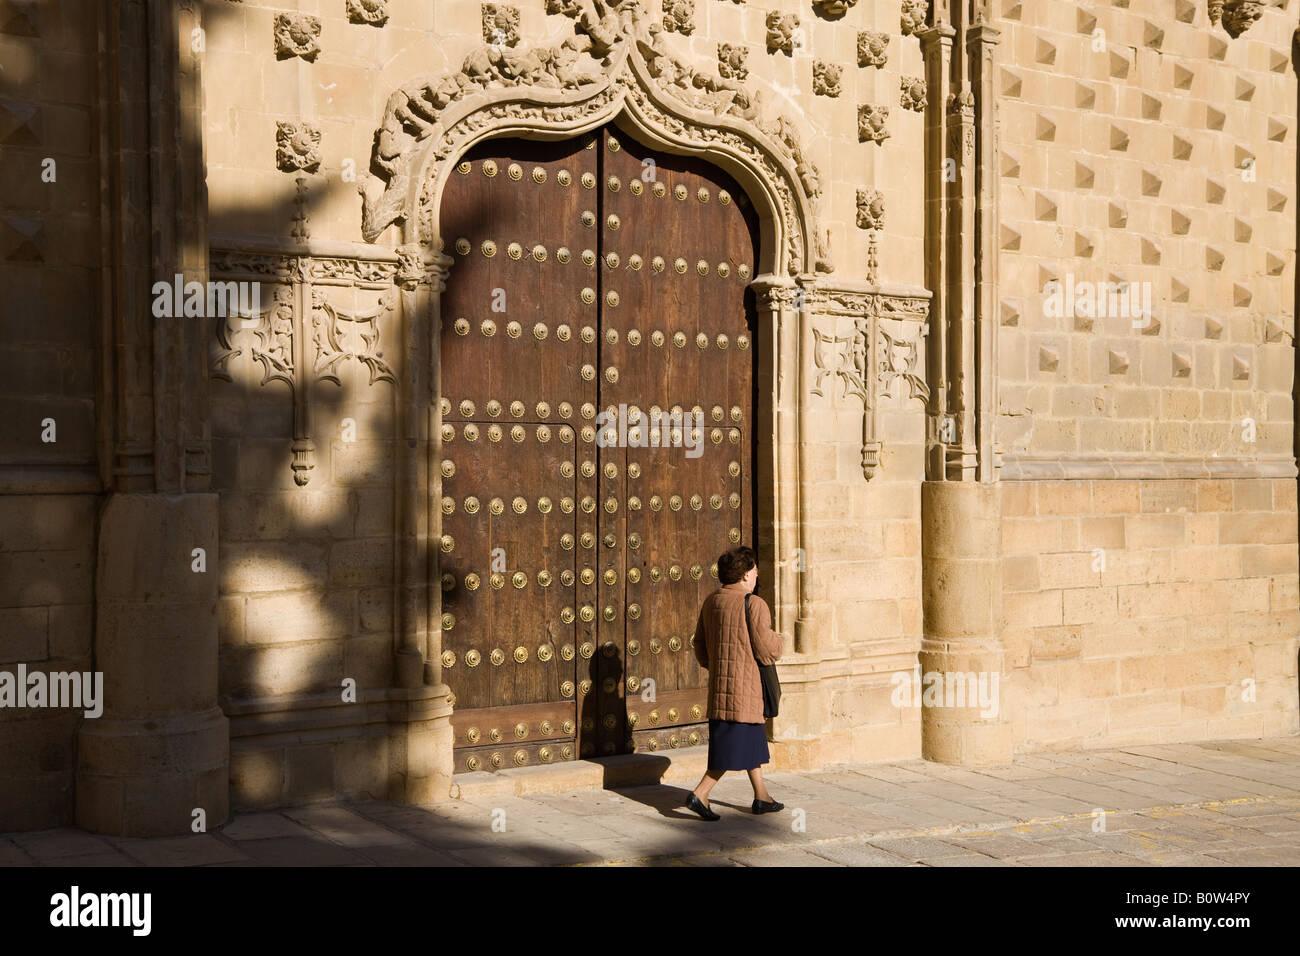 Baeza Jaen Province Spain Door and facade of Universidad Internacional de Andalucia Antonio Machado Palacio de Jabalquinto - Stock Image